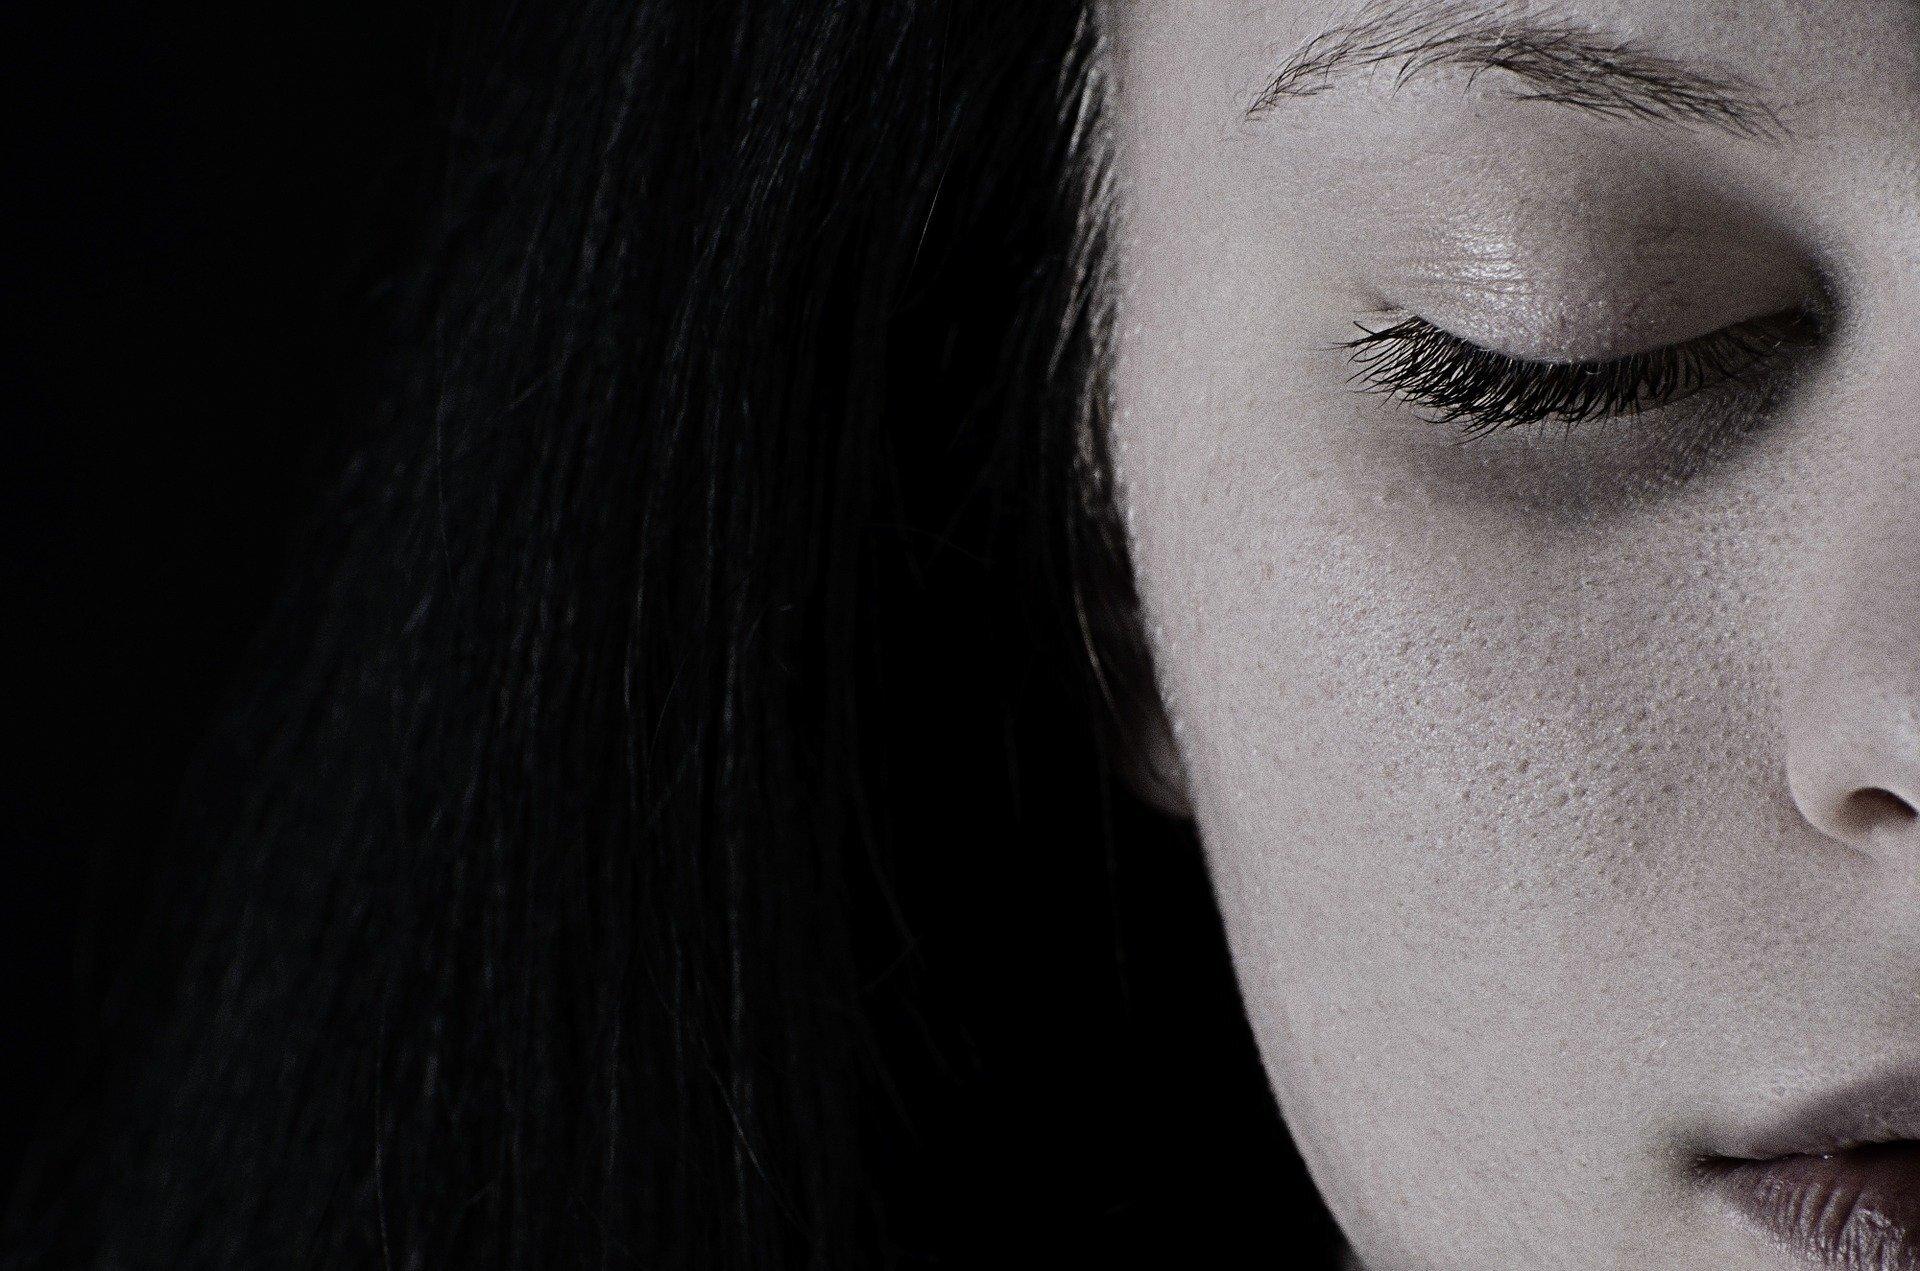 Drehen, um den Darm besser zu verstehen, depression